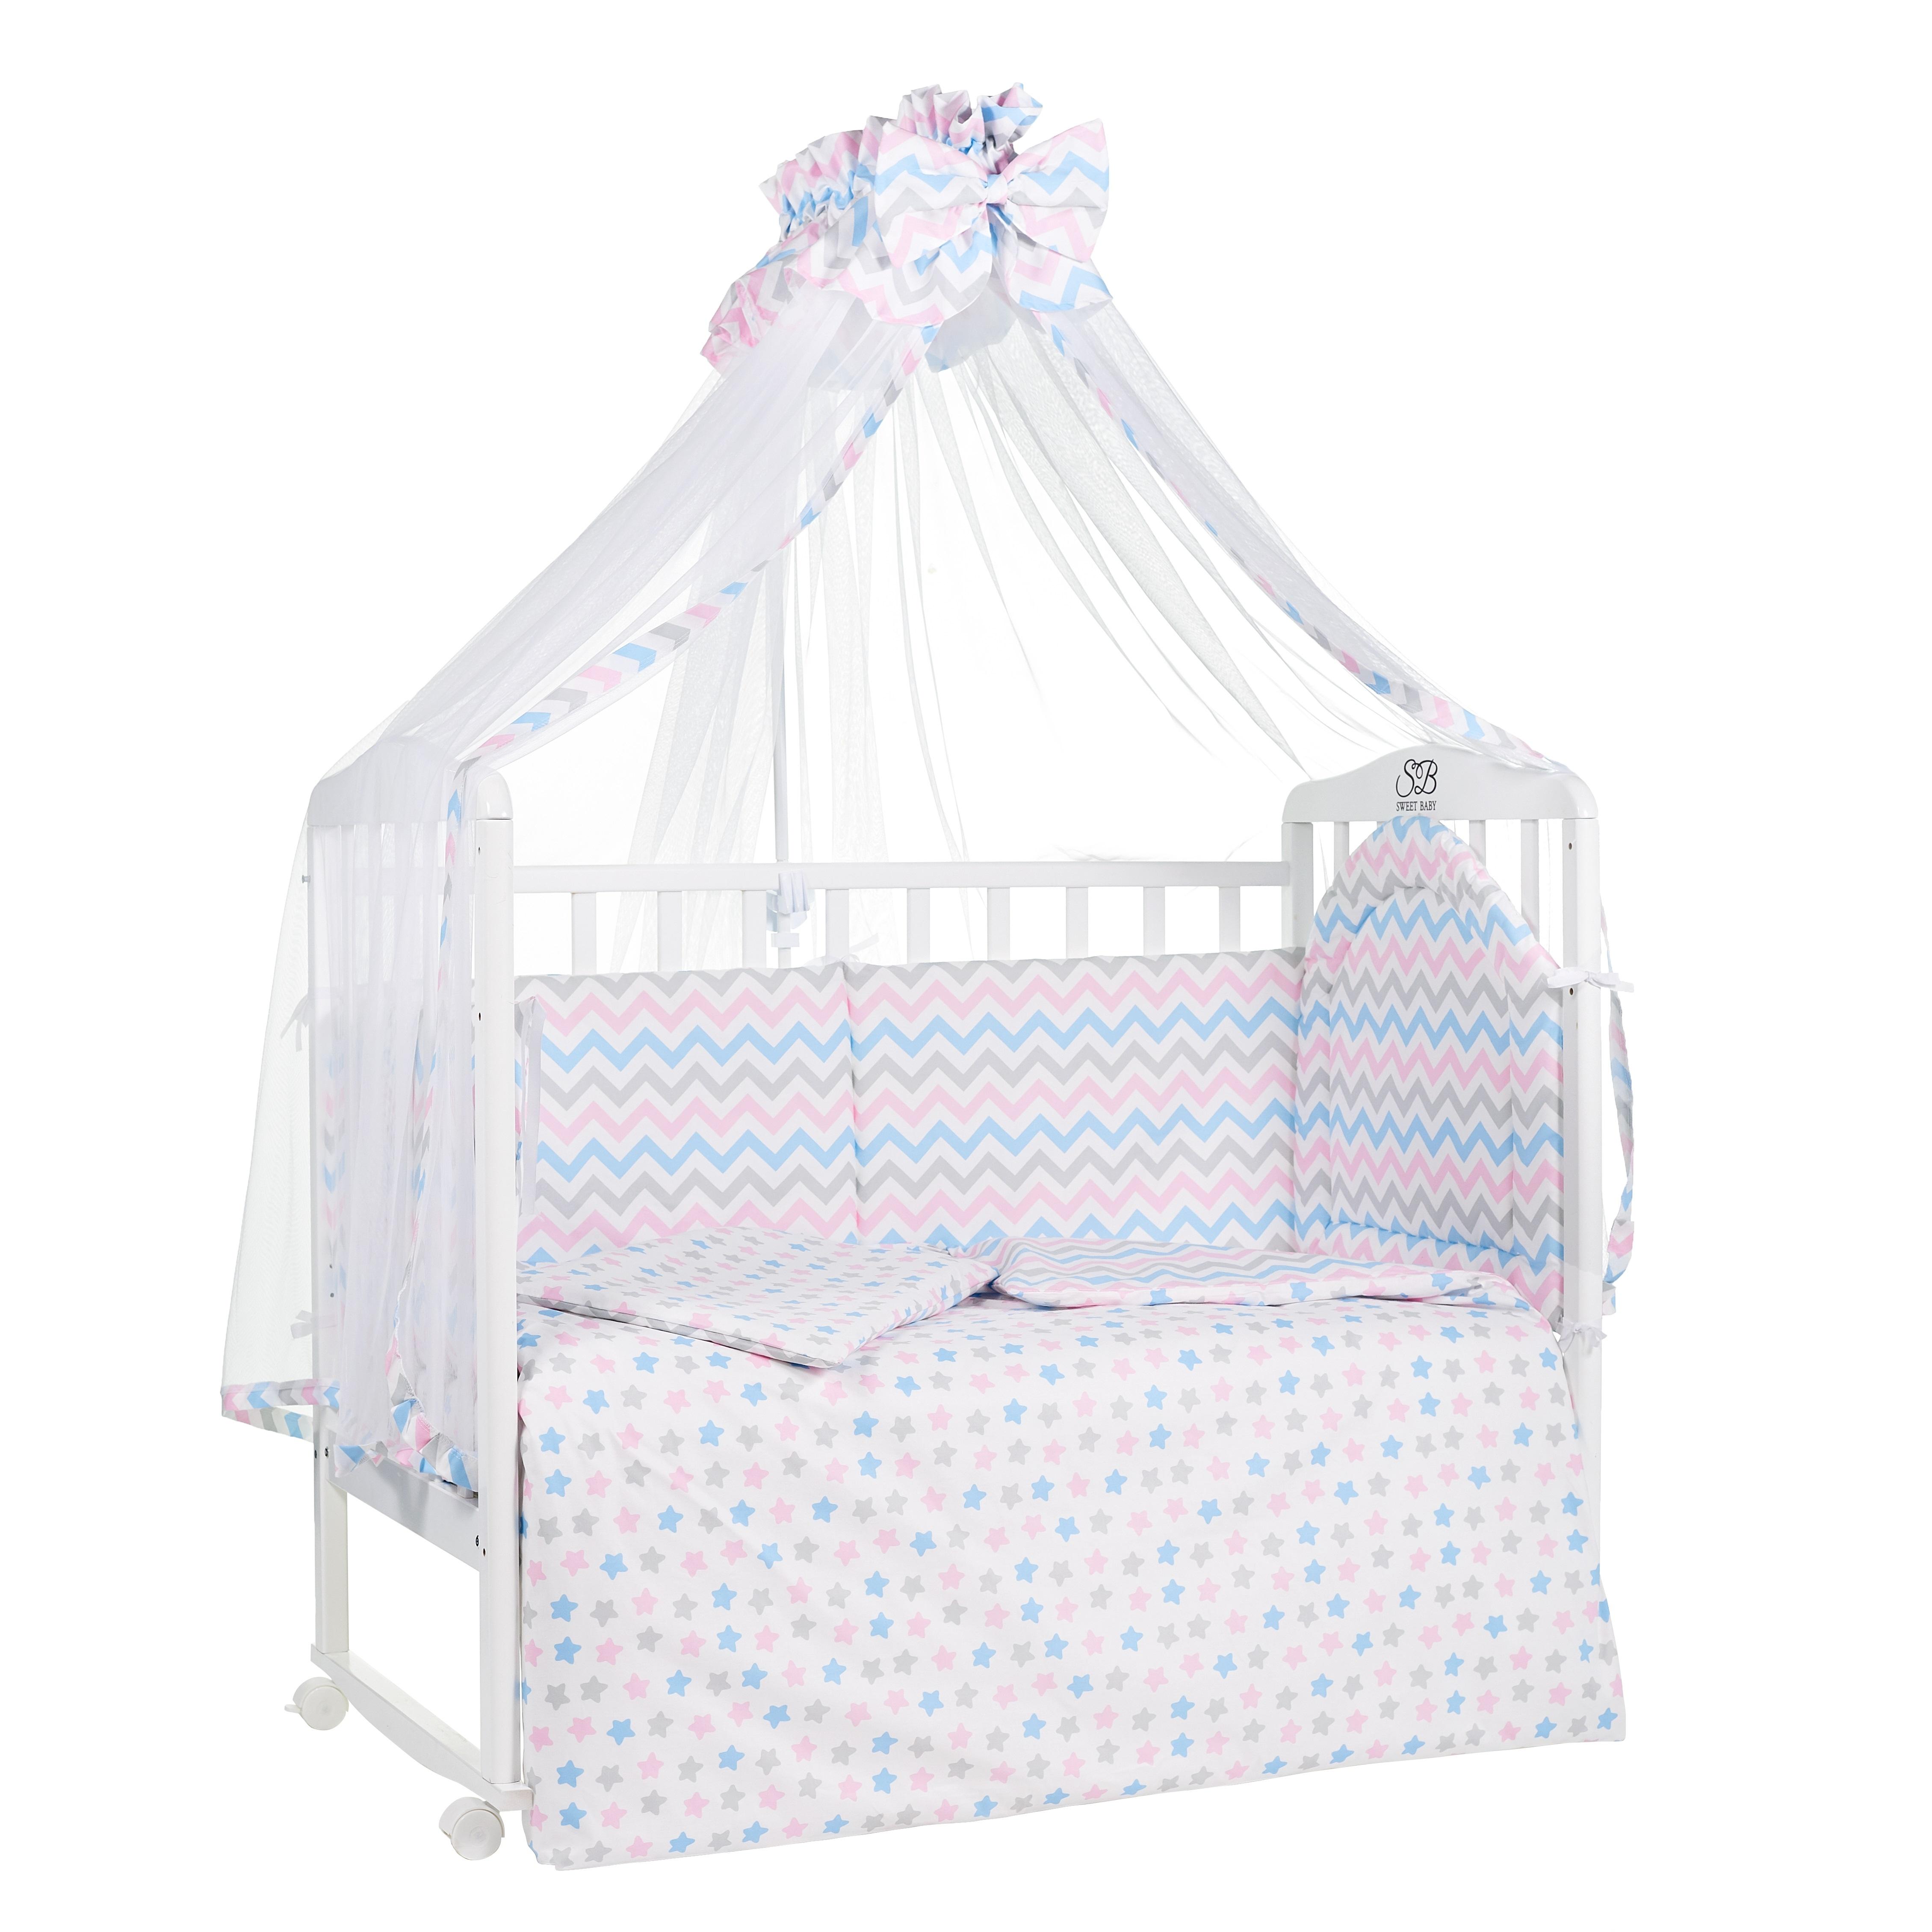 Постельные принадлежности Sweet Baby «Stelle Rosa» 7 предметов розовый поплин комплект в кроватку sweet baby stelle rosa розовый 7 предметов поплин